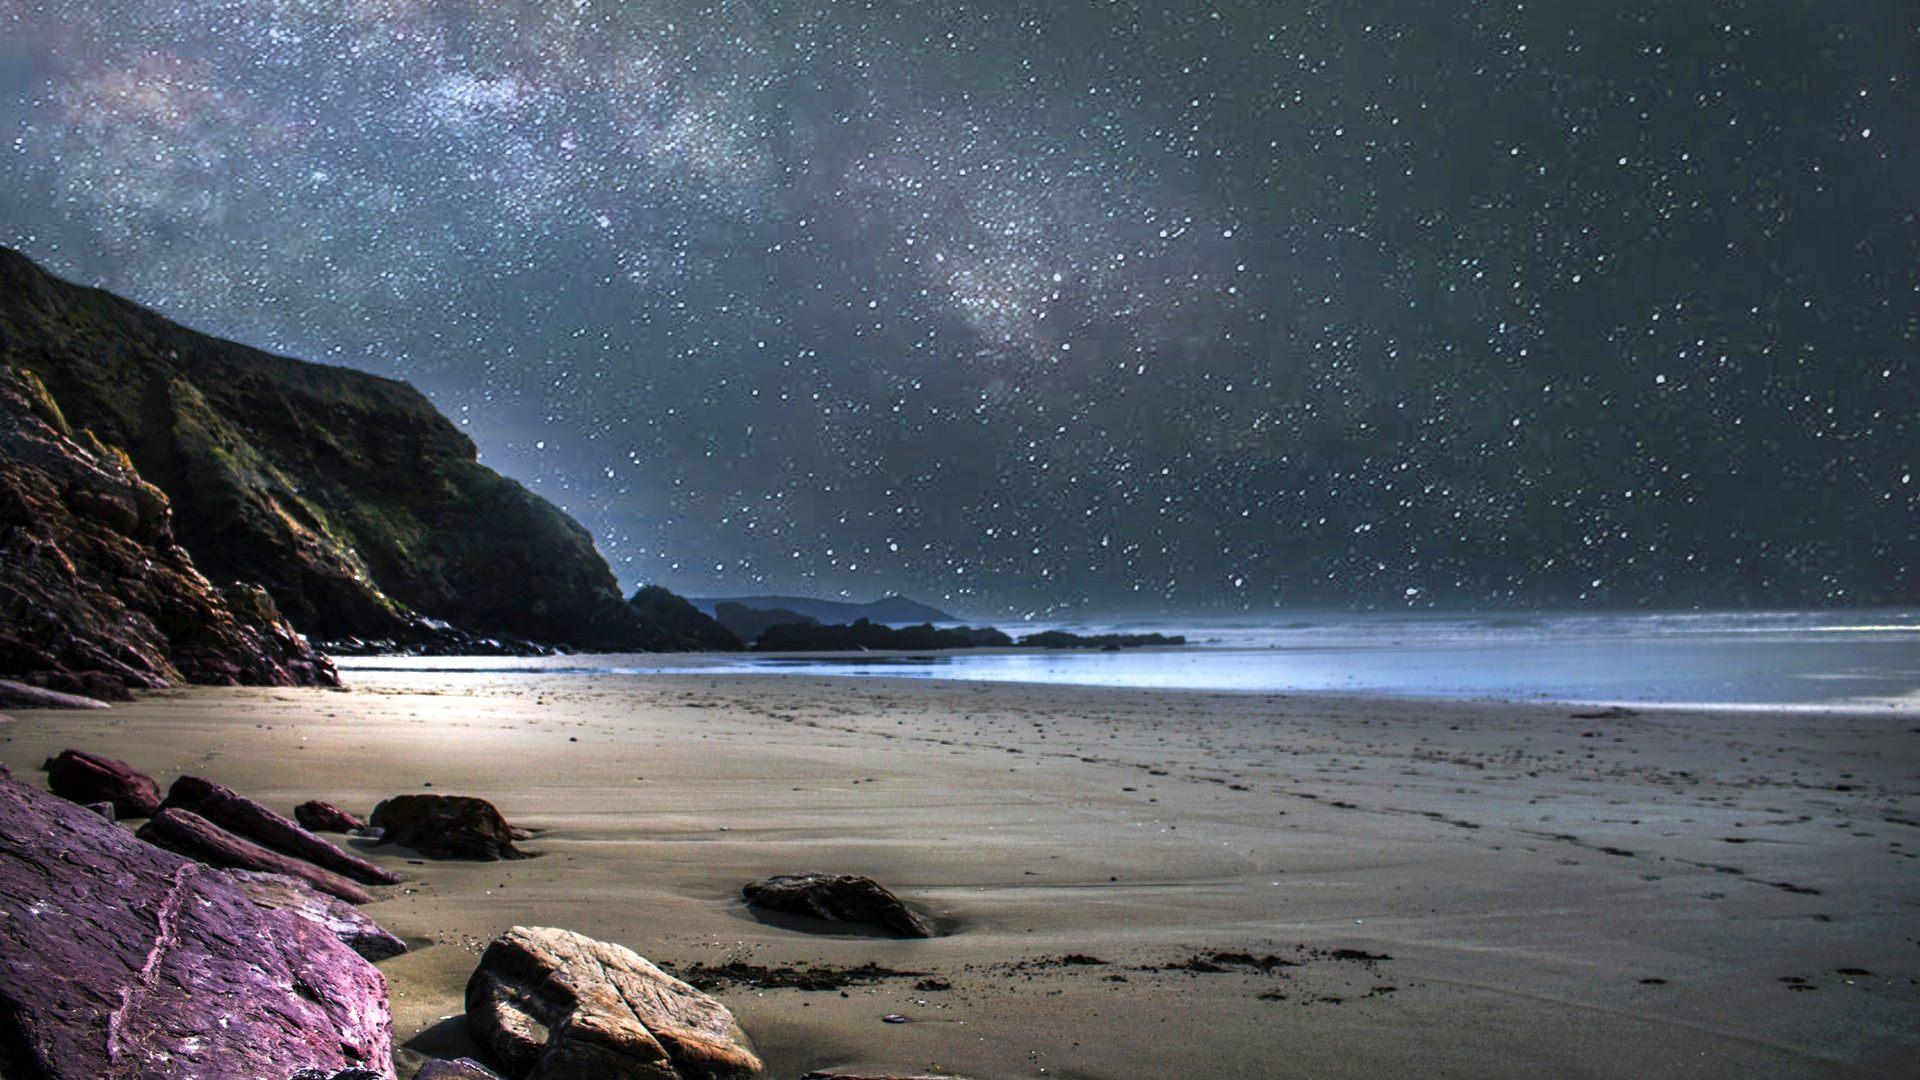 Night Beach 1920x1080 Download Hd Wallpaper Wallpapertip